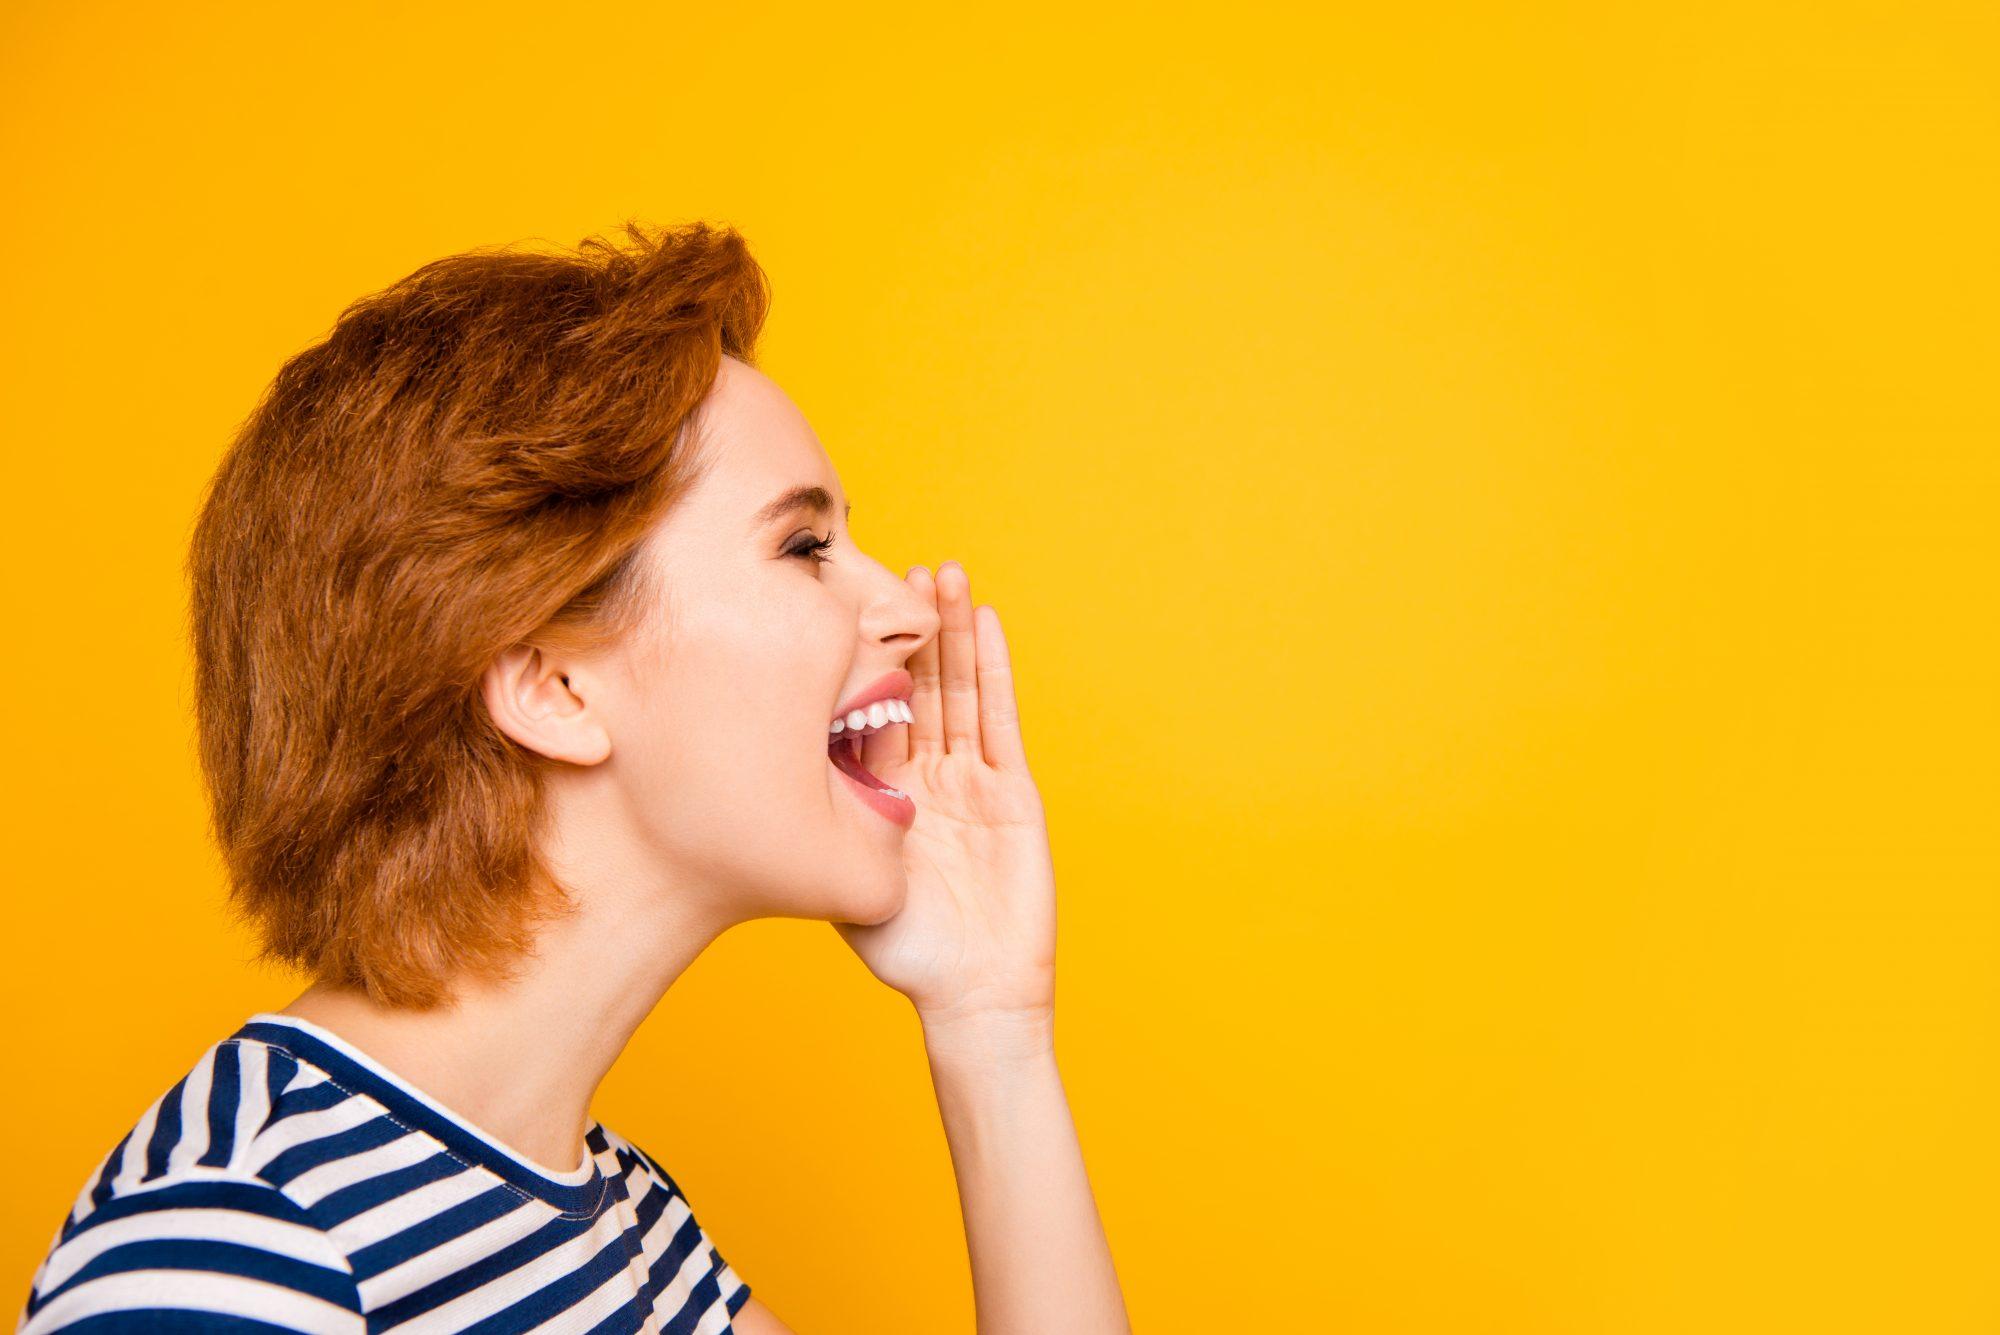 Todos sabemos que las celebraciones traen momentos de conversaciones especiales con los seres queridos. Sin embargo, es importante que tanto tú como los demás invitados de la fiesta no se vean en la necesidad de alzar sus voces para ser escuchados.Esto ayudará a mitigar la saliva que sale de la boca a la hora de hablar.                                        Mantener un tono bajo es recomendado a la hora de interactuar con otros. Pedirle al anfitrión que tenga un volumen bajo de la música, evitará que los invitados tengan que subir su voz para conversar.